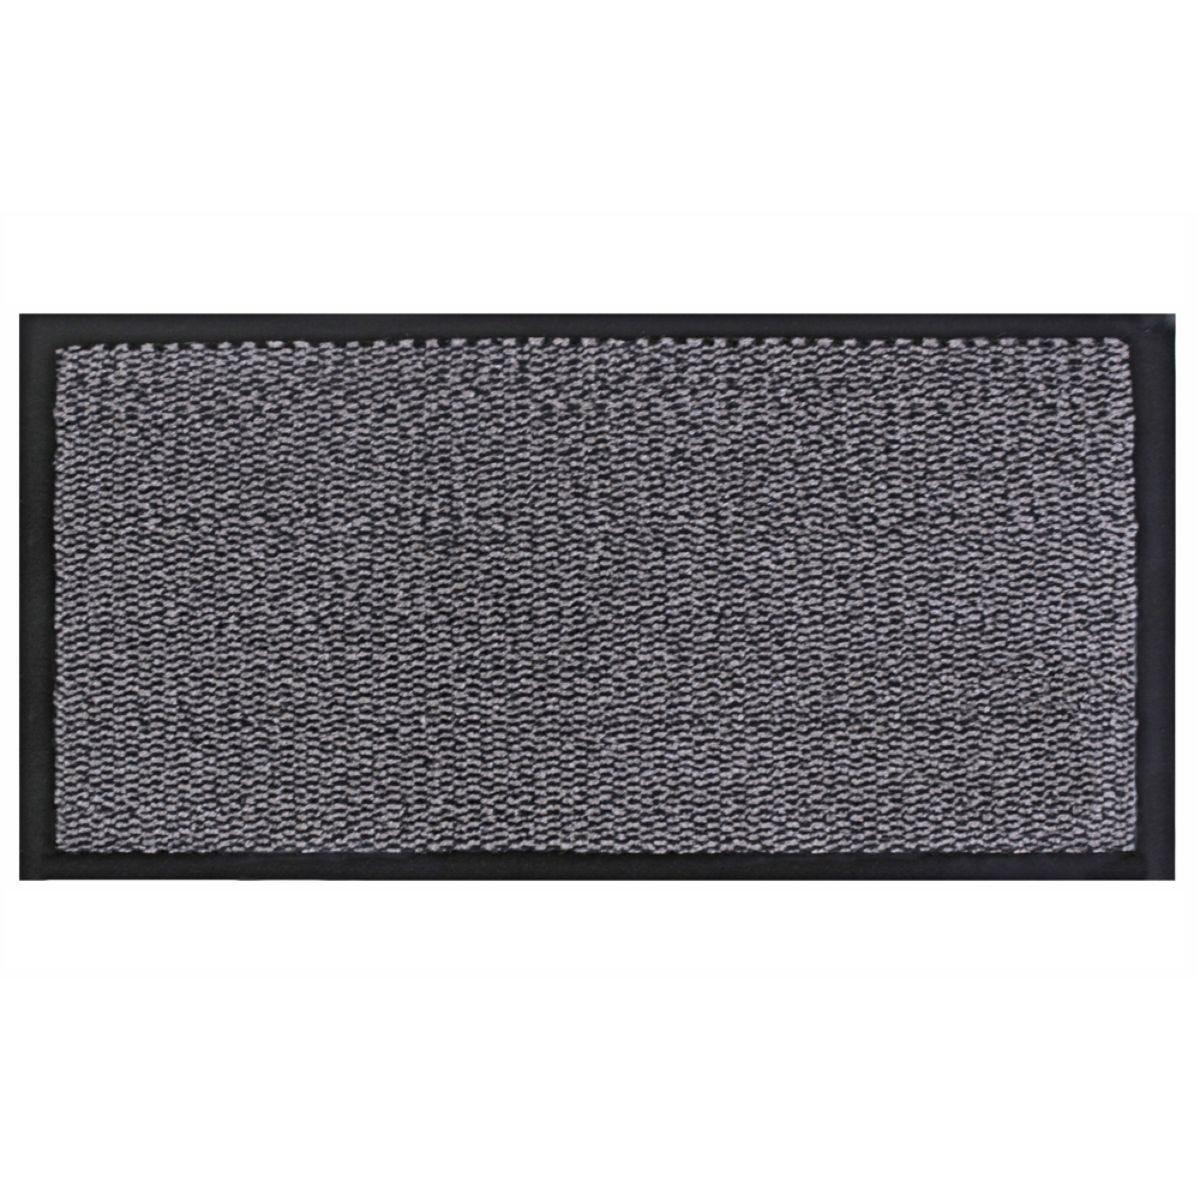 JVL Heavy Duty Commodore Backed Barrier Door Floor Mat Grey/Black 60 x 150 cm